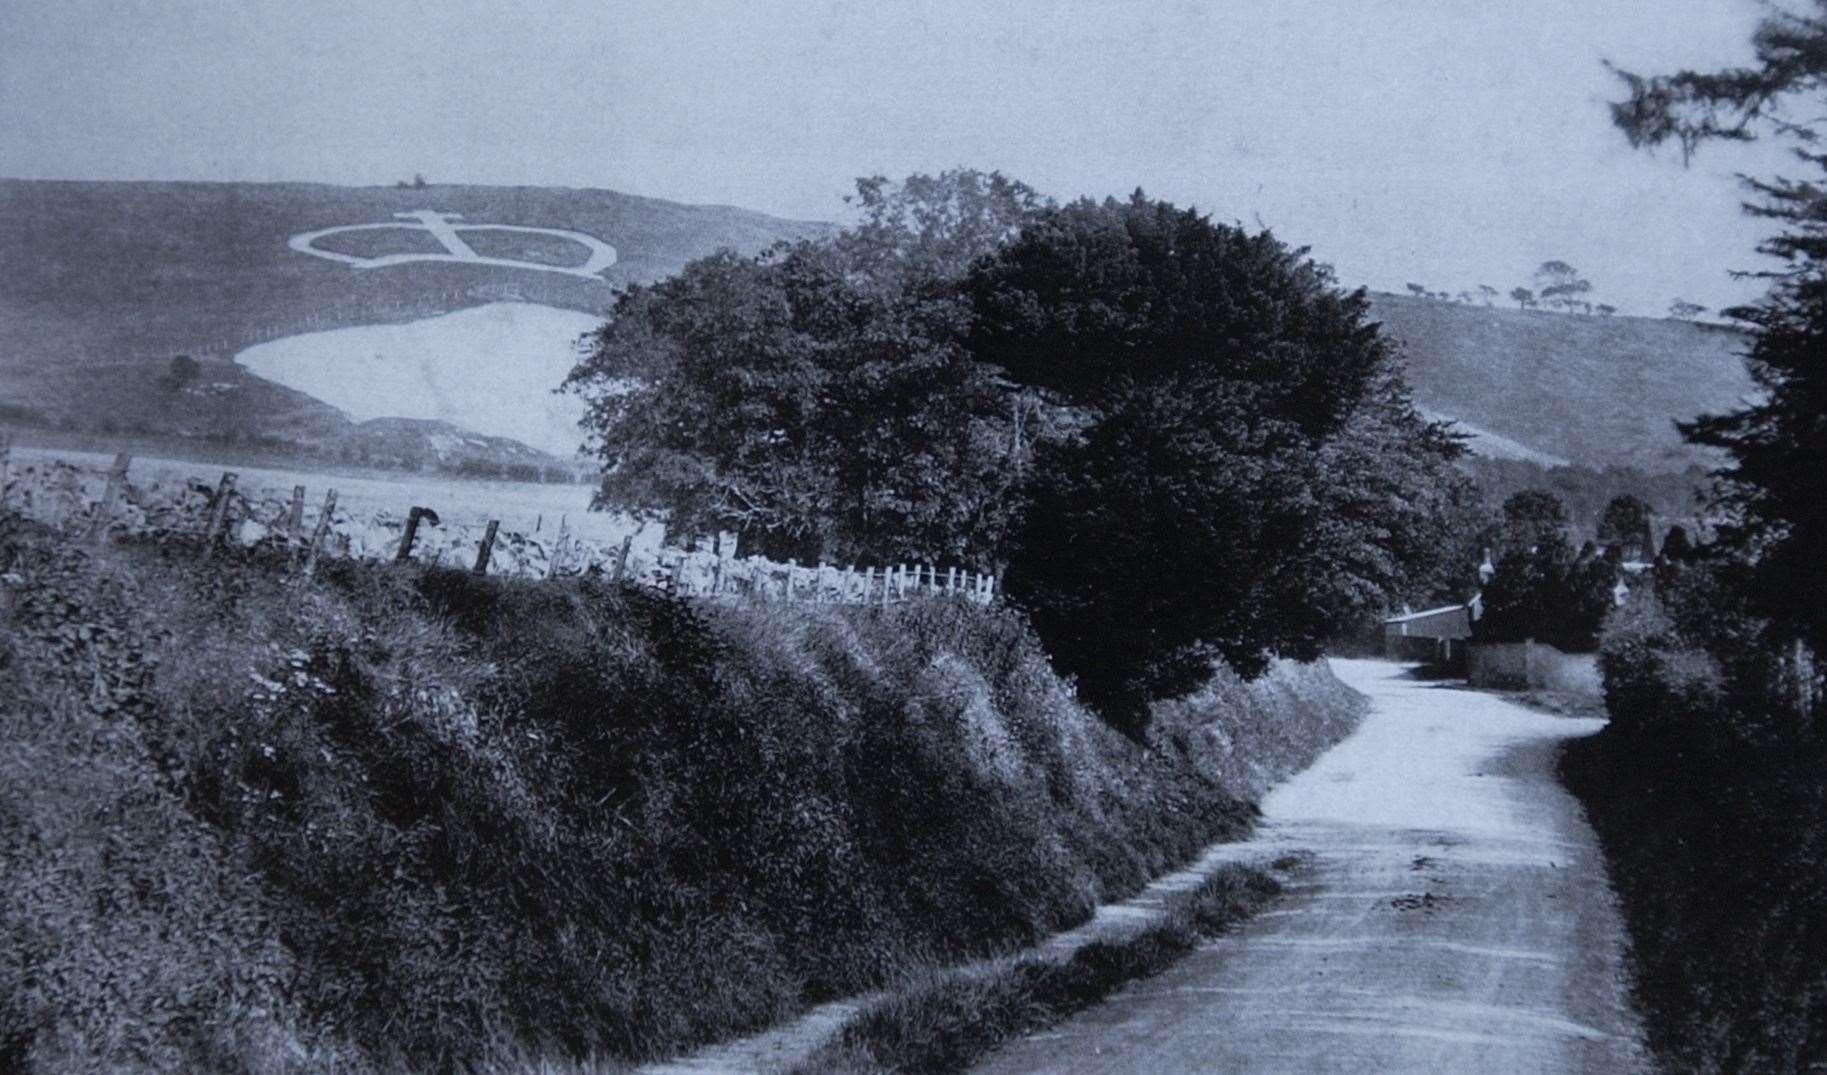 Una foto de archivo de la corona de Wye en 1902